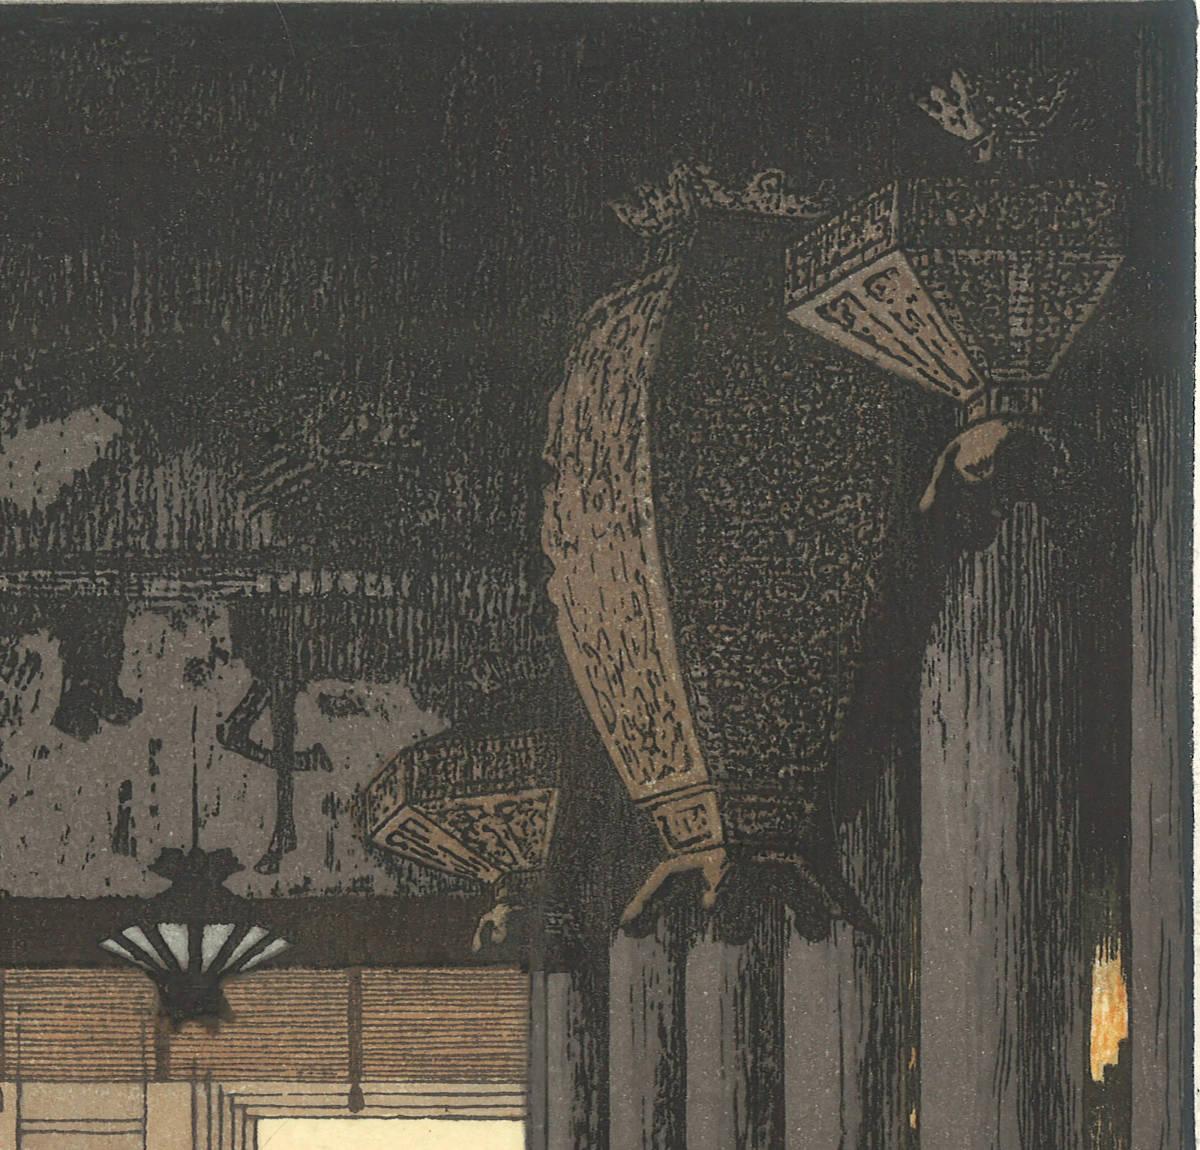 吉田遠志 木版画   清水寺  (Kiyomizu temple)    最高峰の摺師の技をご堪能下さい!!_画像9